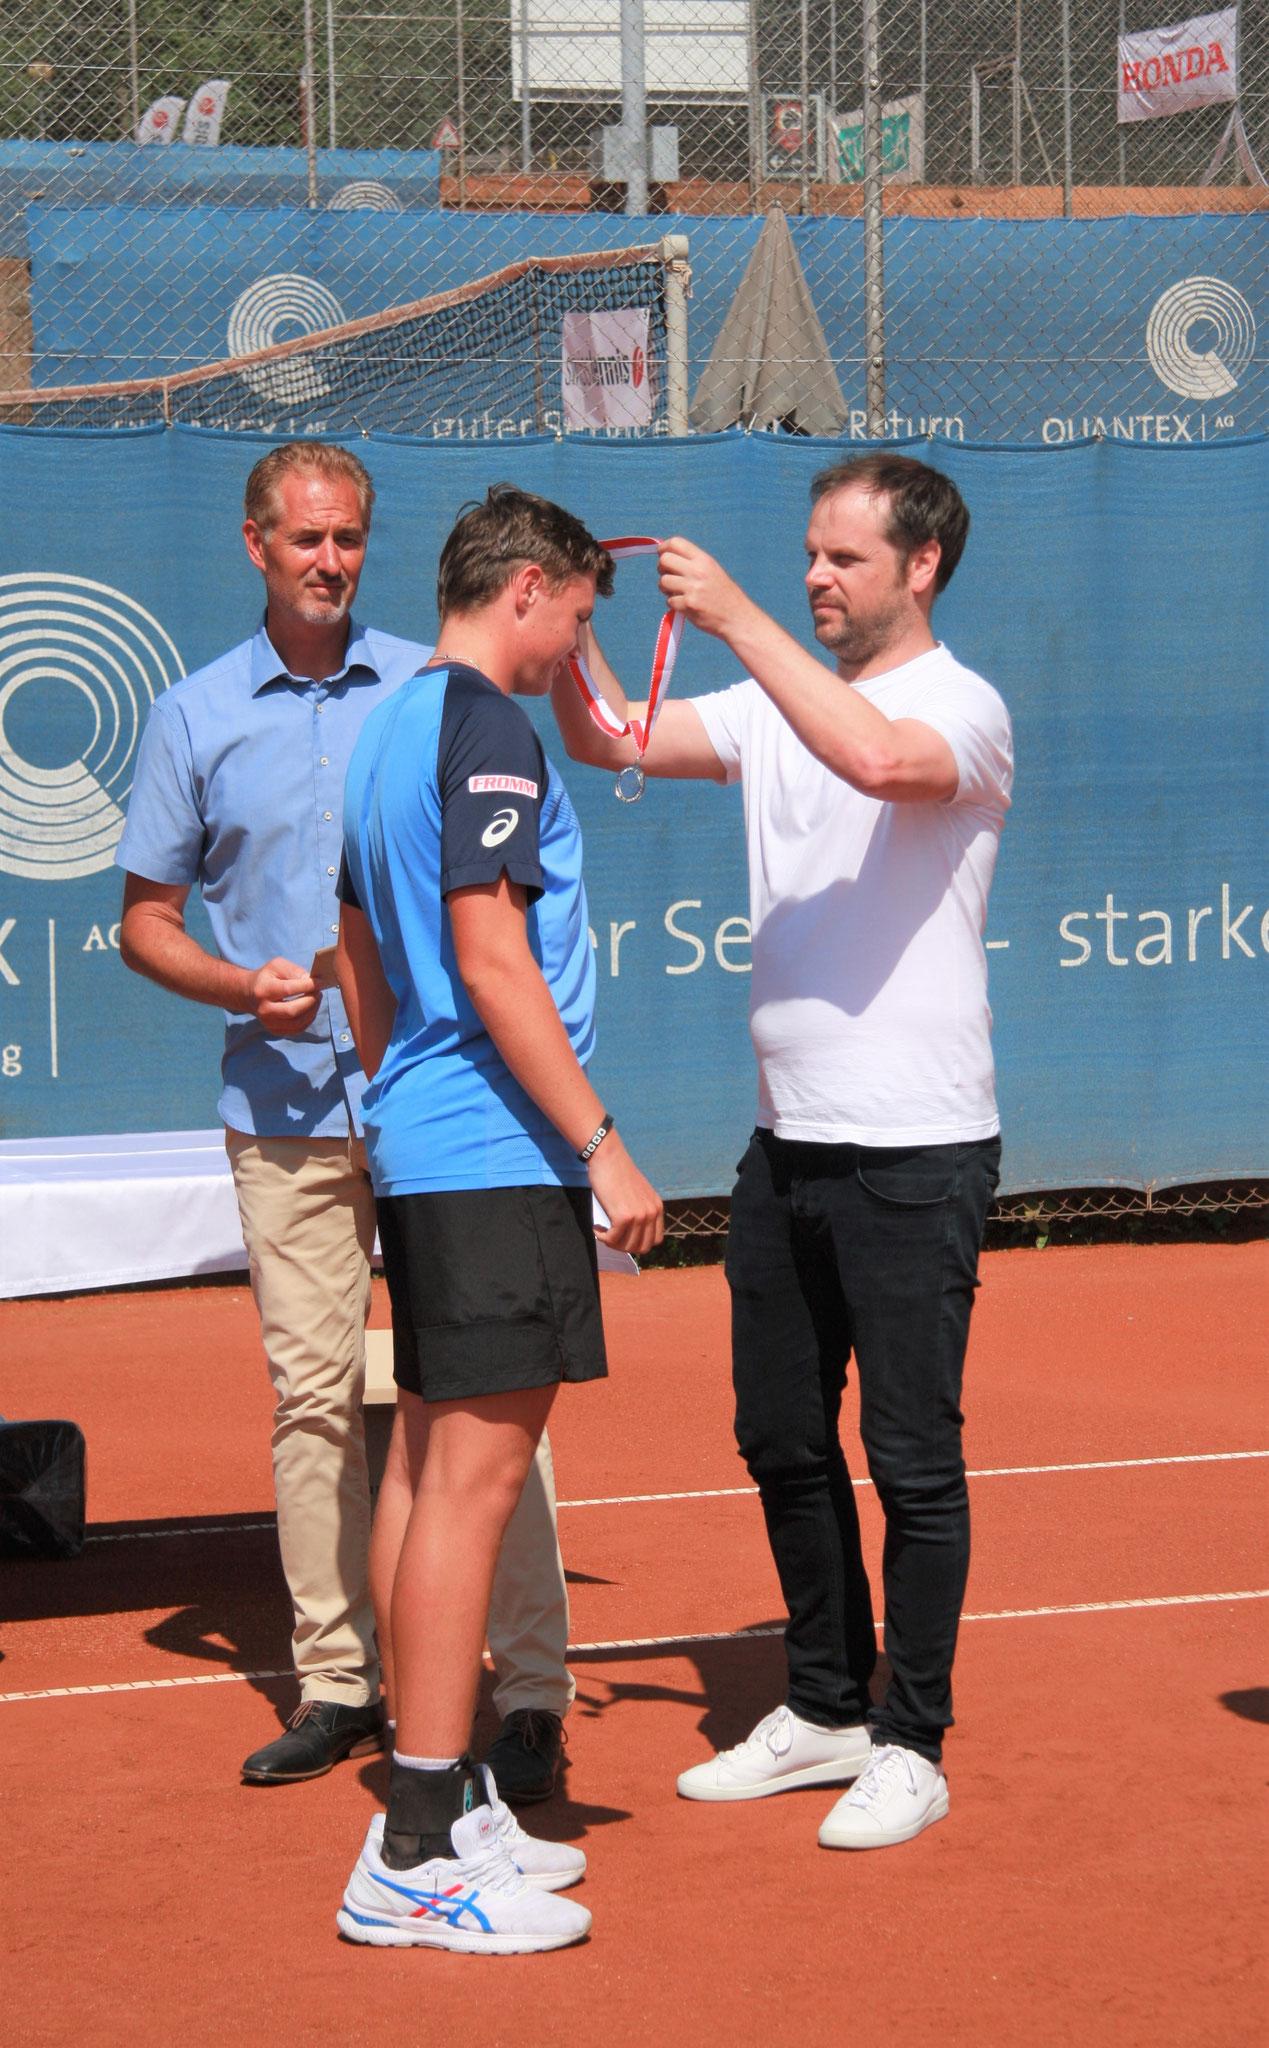 Medaille wurde von Seve Lüthi überreicht und Luc Estermann